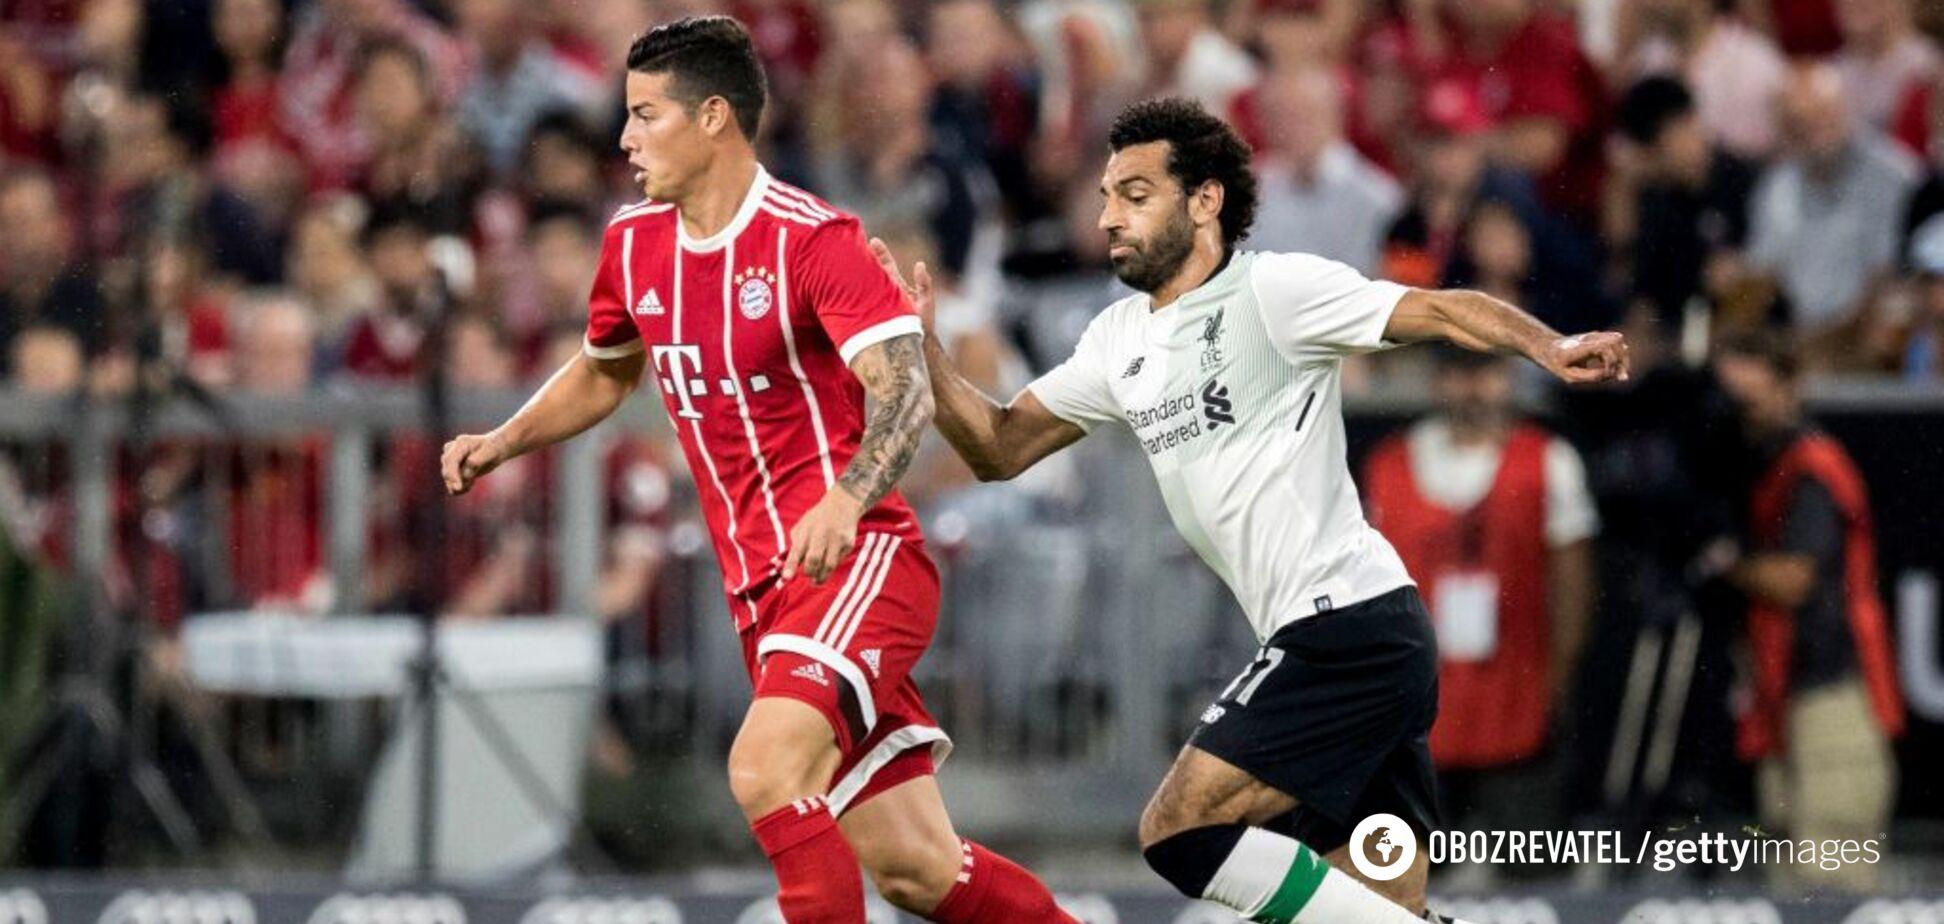 Ливерпуль — Бавария: прогноз на матч 1/8 финала Лиги чемпионов